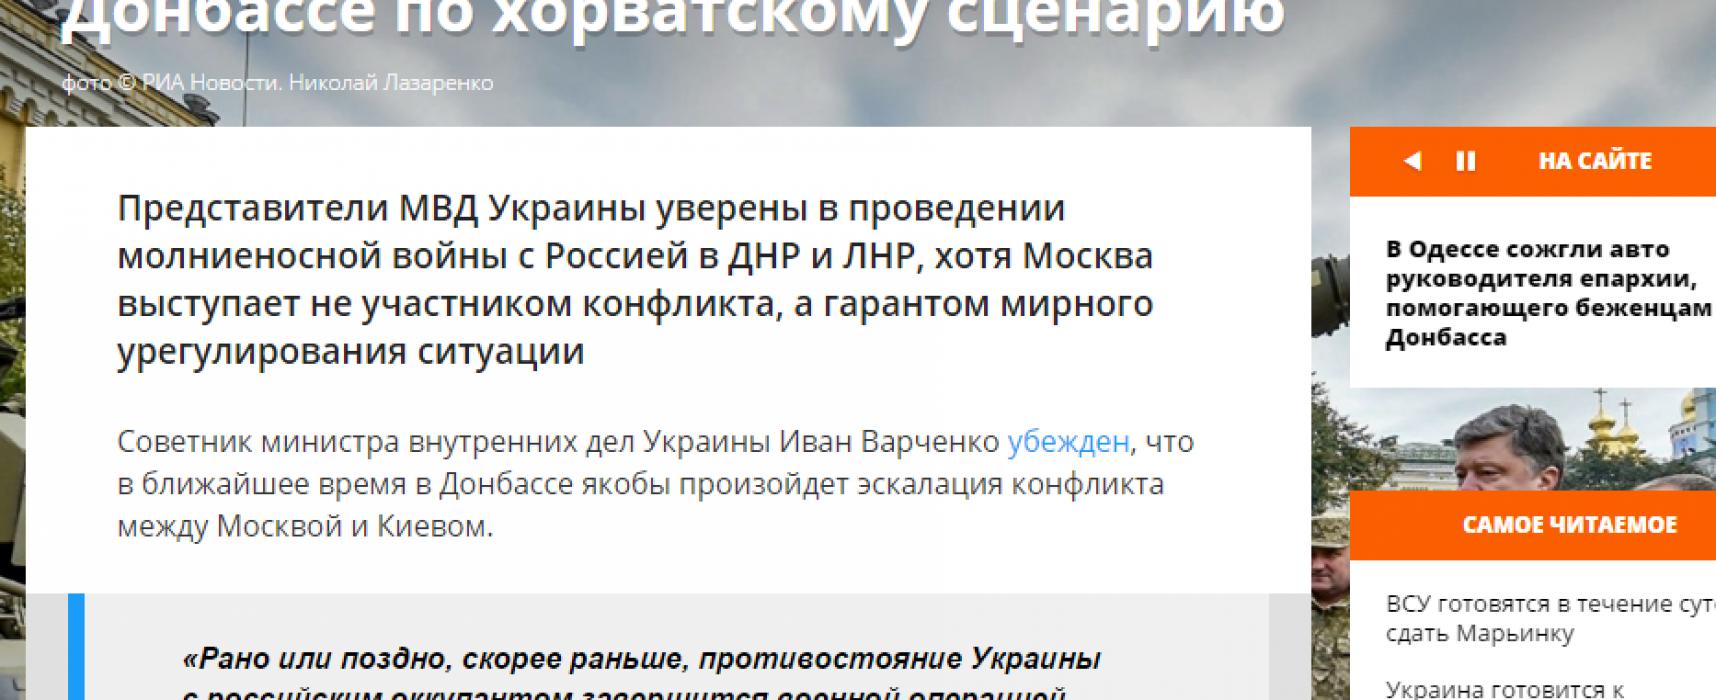 Russian Media Distorts Ukrainian Position on the War in Eastern Ukraine